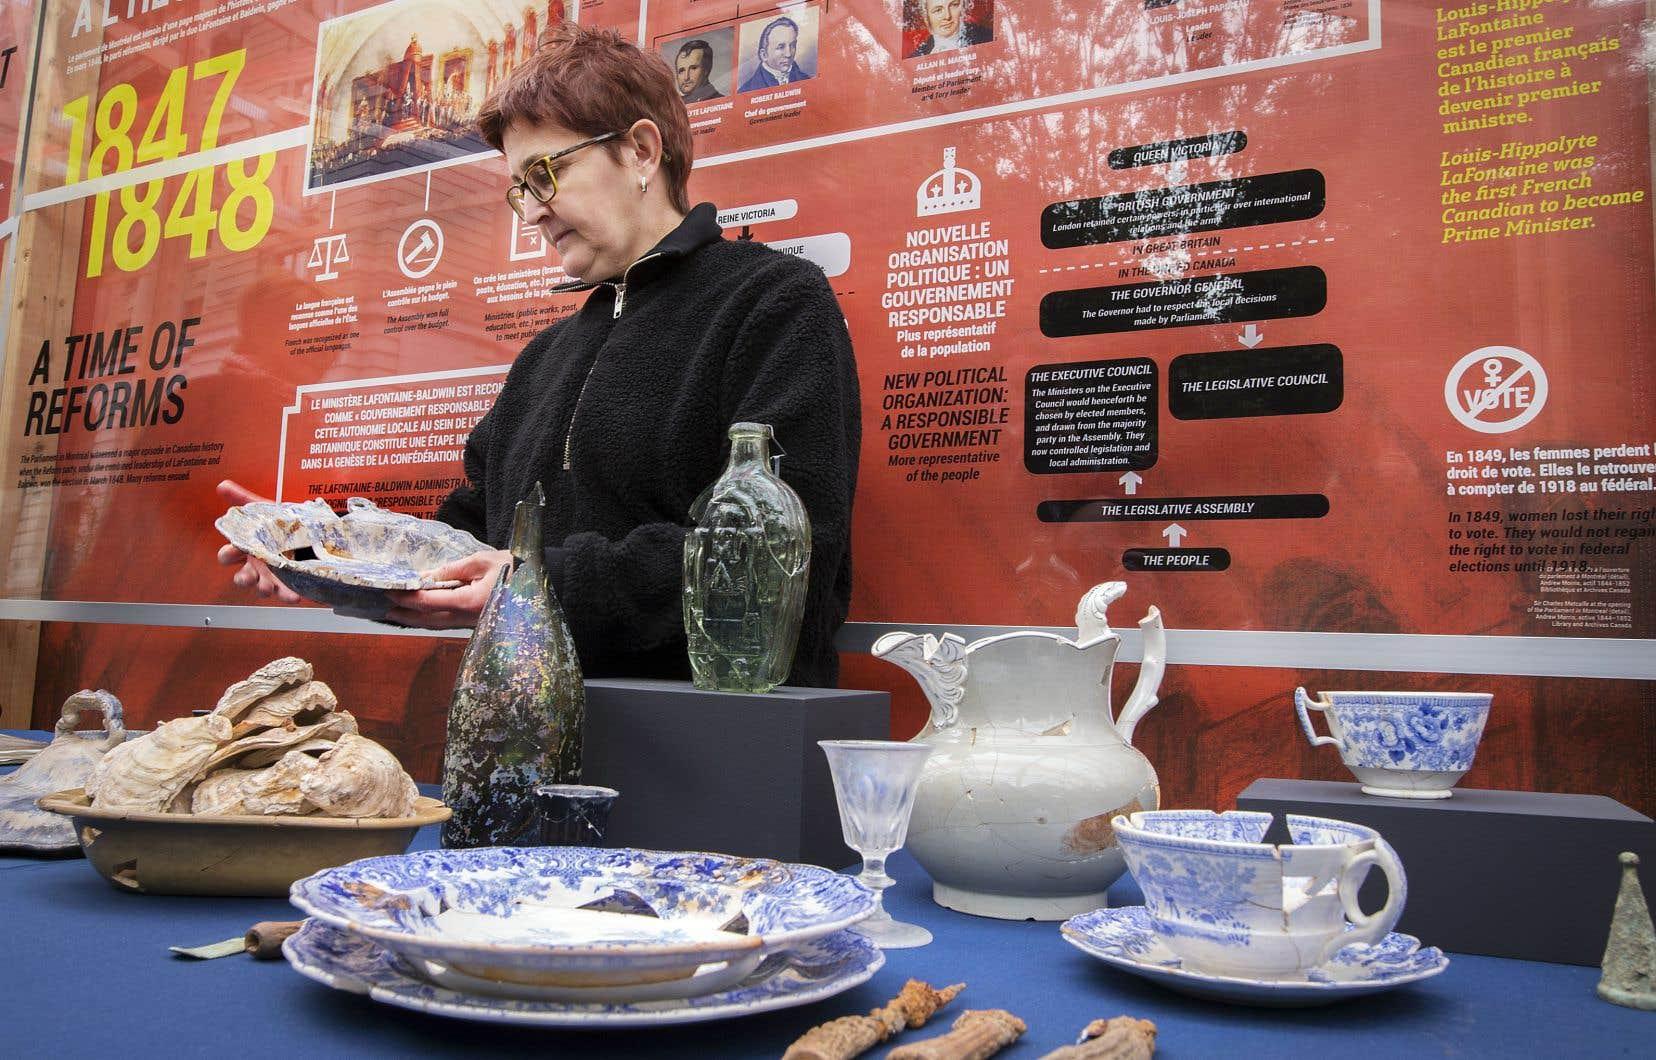 Louise Pothier, archéologue en chef au musée Pointe-à-Callière, observe quelques-uns des artefacts: assiettes, bols et coutellerie sans doute utilisés au restaurant du parlement, qui ont été récupérés, tout comme des coquilles d'huîtres.